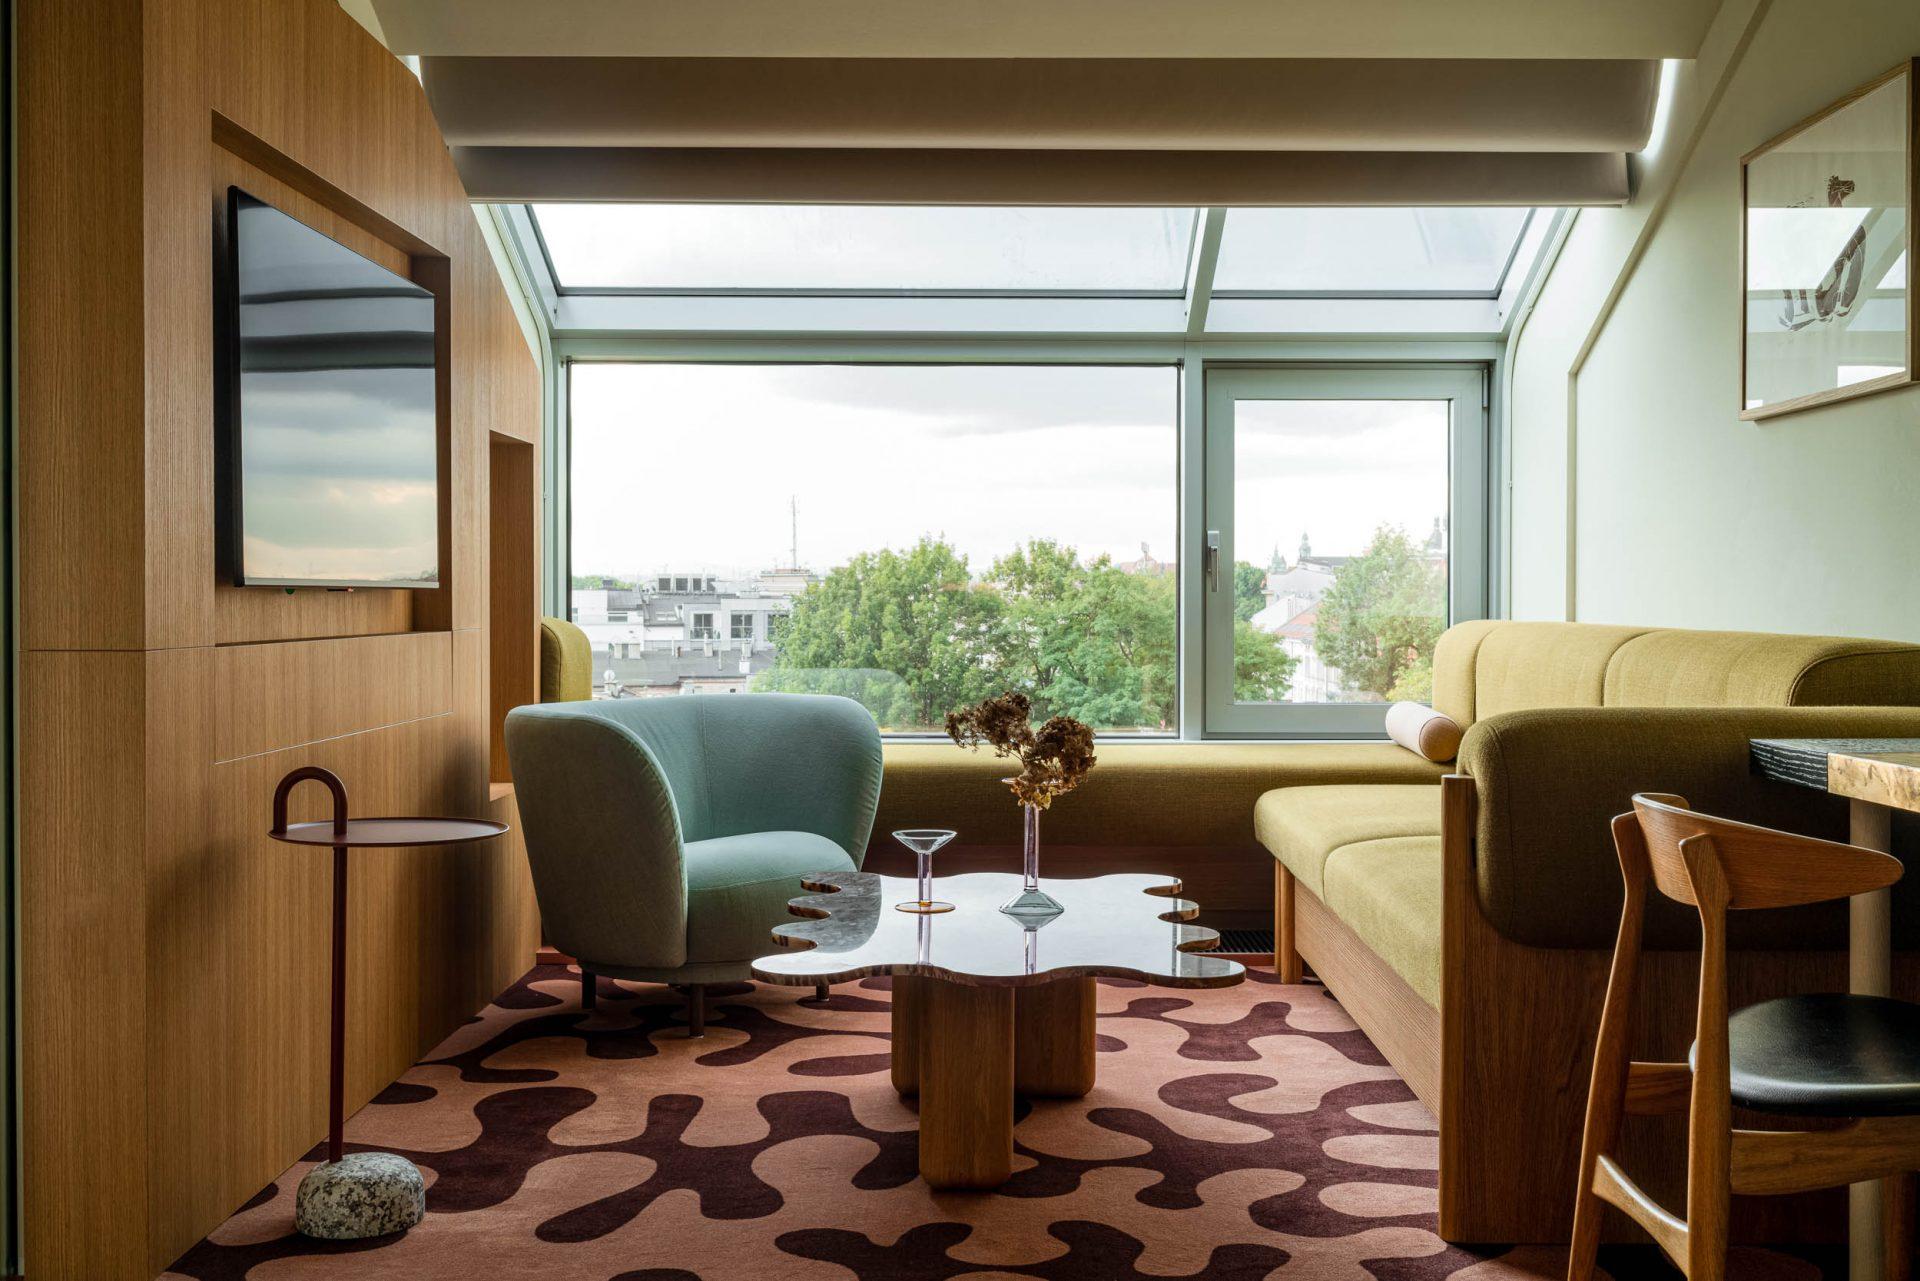 nowy_puro_hotel_krakow_old_town_paradowski_foto_pion_designalive-4